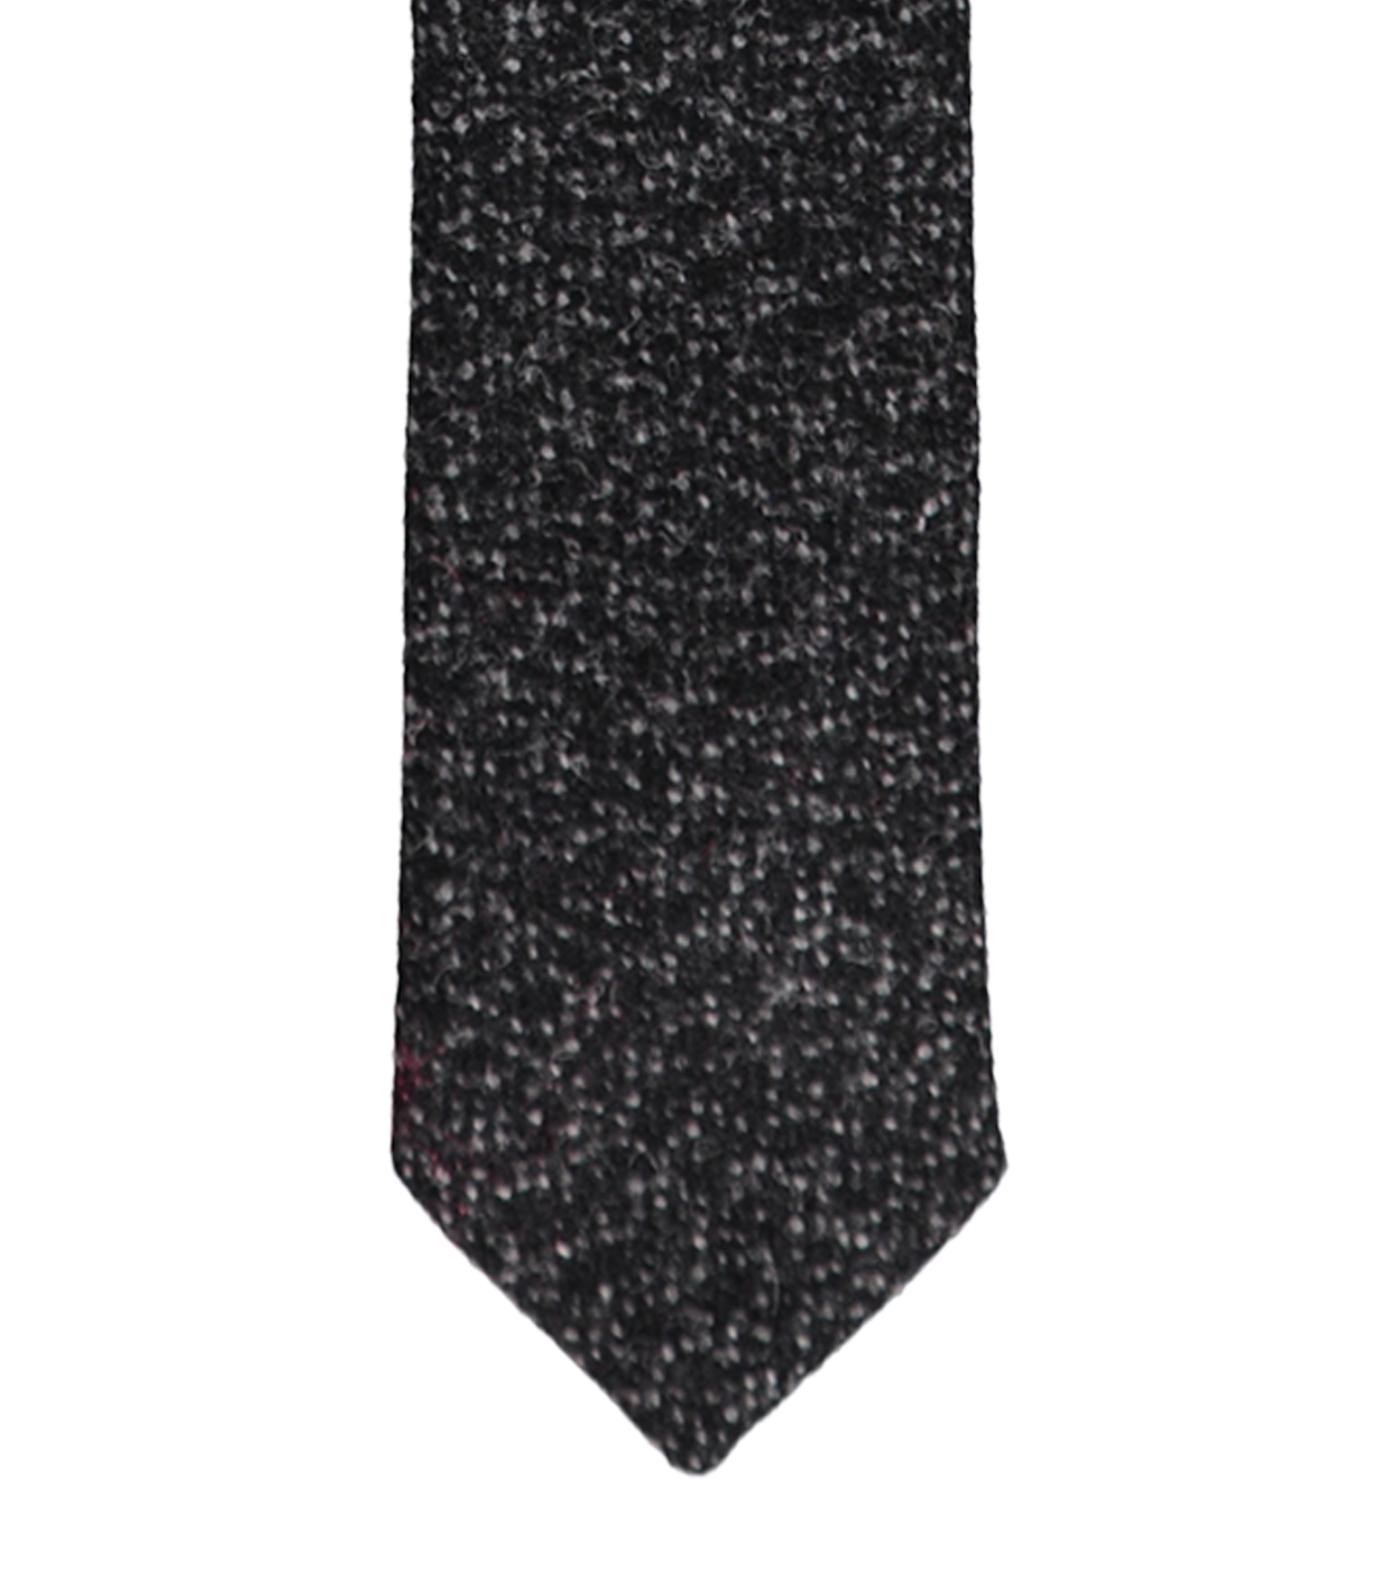 Tie CDP - Marl black